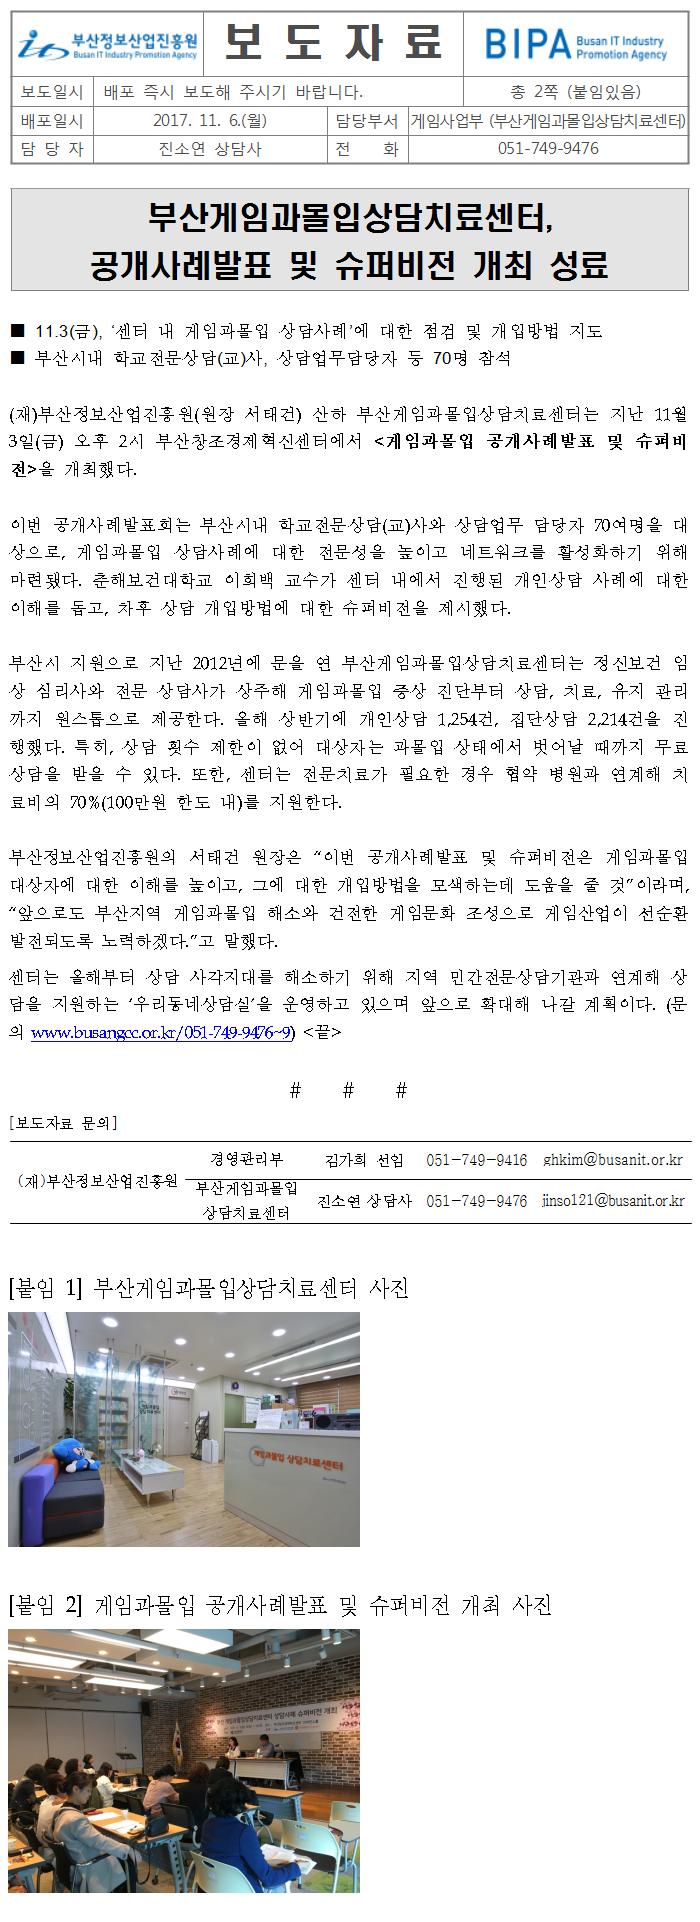 부산게임과몰입상담치료센터, 공개사례발표 및 슈퍼비전 개최 성료